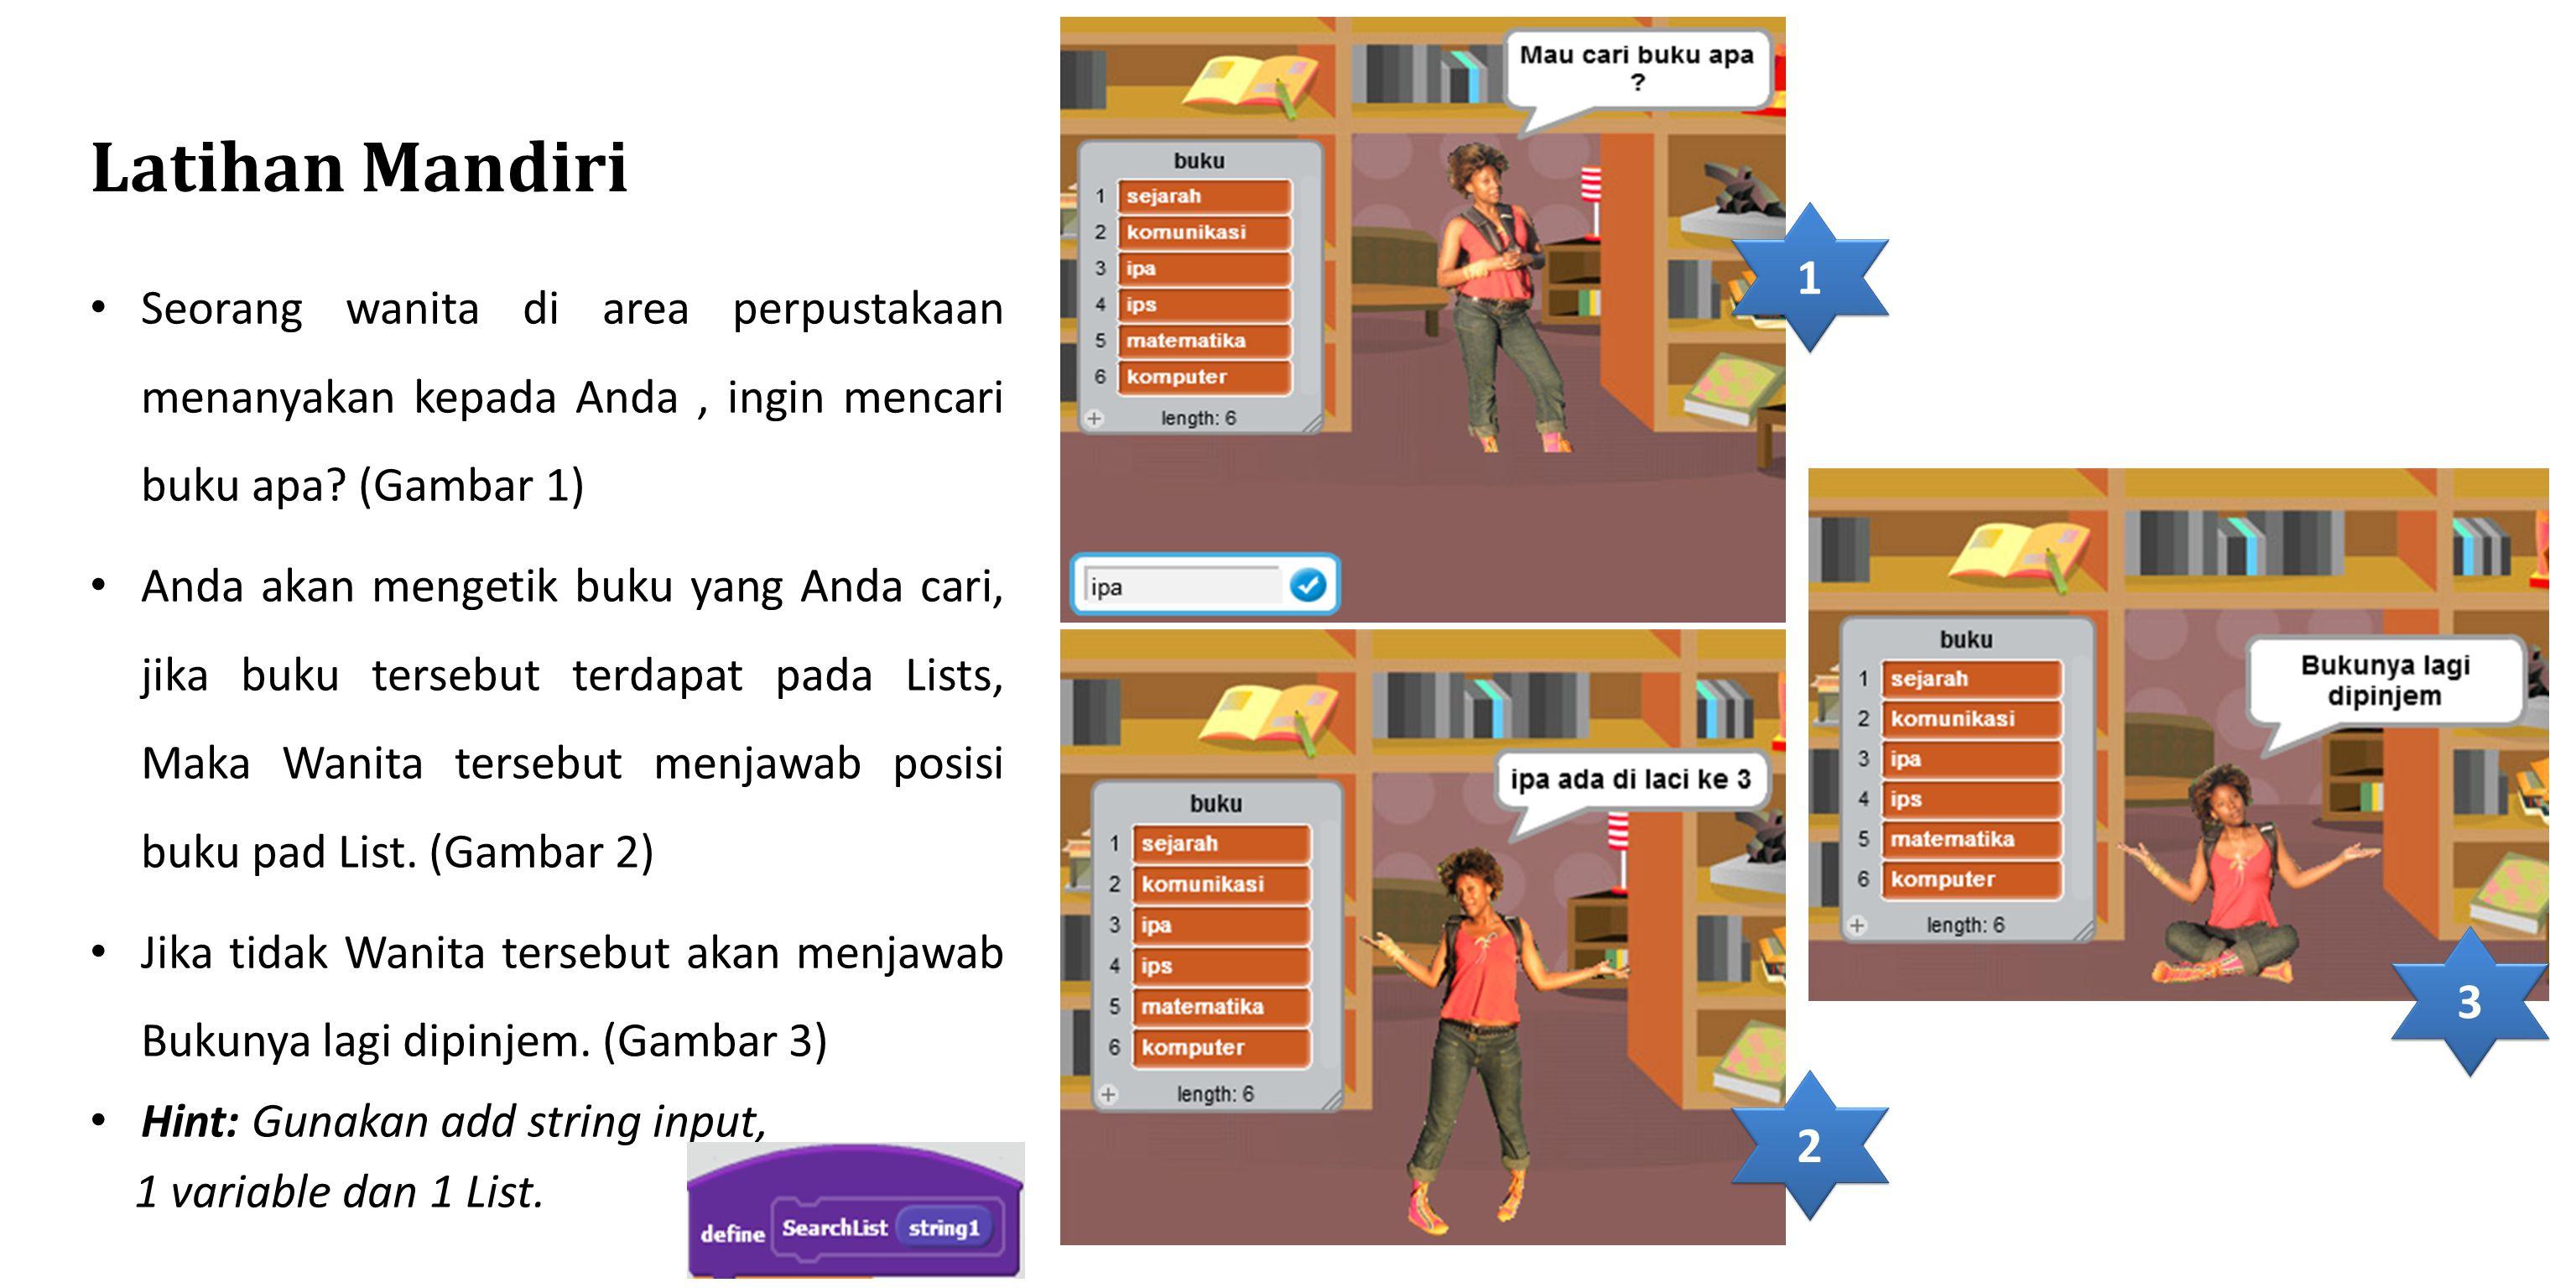 Latihan Mandiri 1. Seorang wanita di area perpustakaan menanyakan kepada Anda , ingin mencari buku apa (Gambar 1)